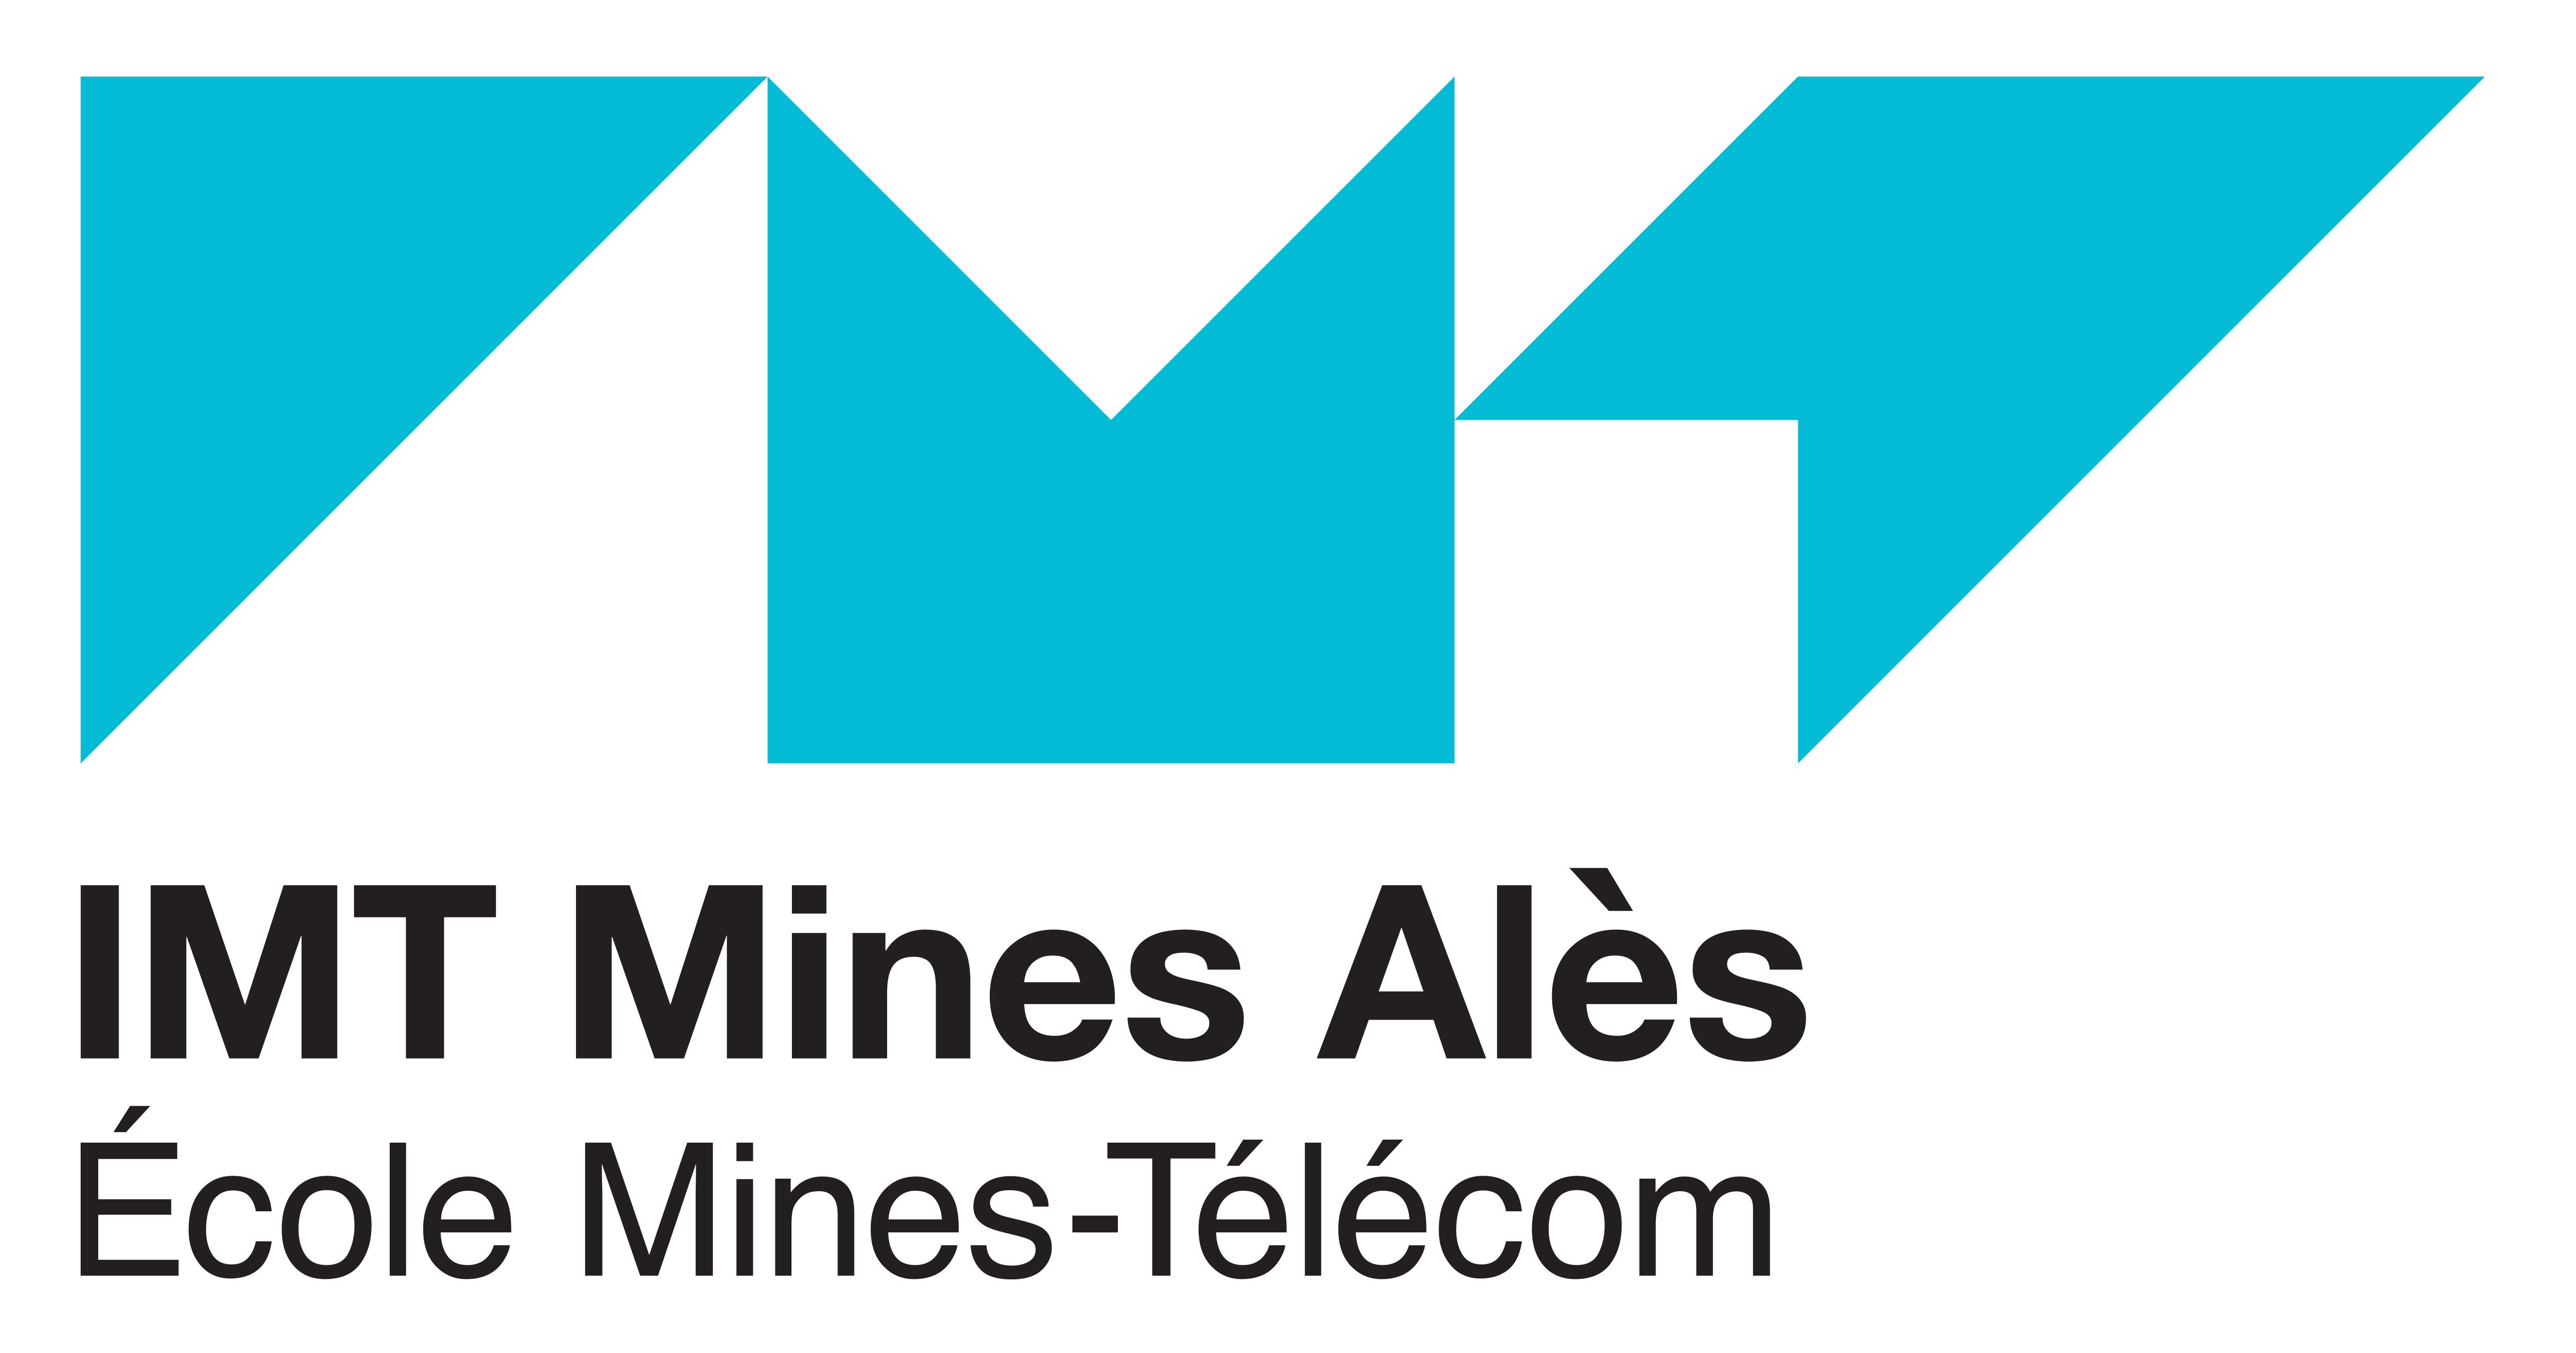 Ecole des mines d'Ales (IMT Mines Ales)